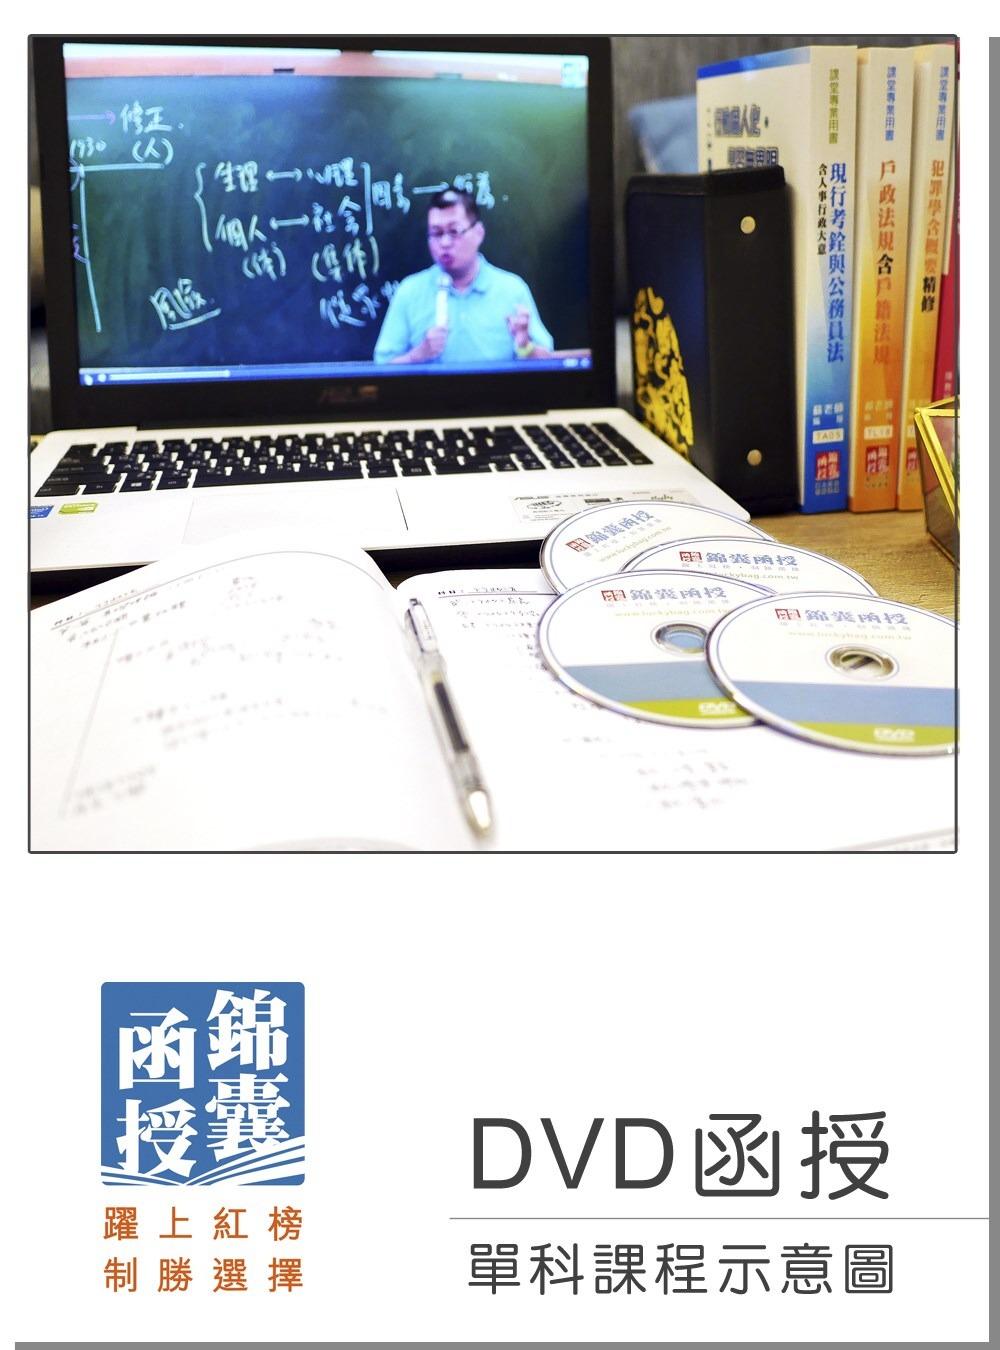 【DVD函授】會計審計法規:單科課程(107版)